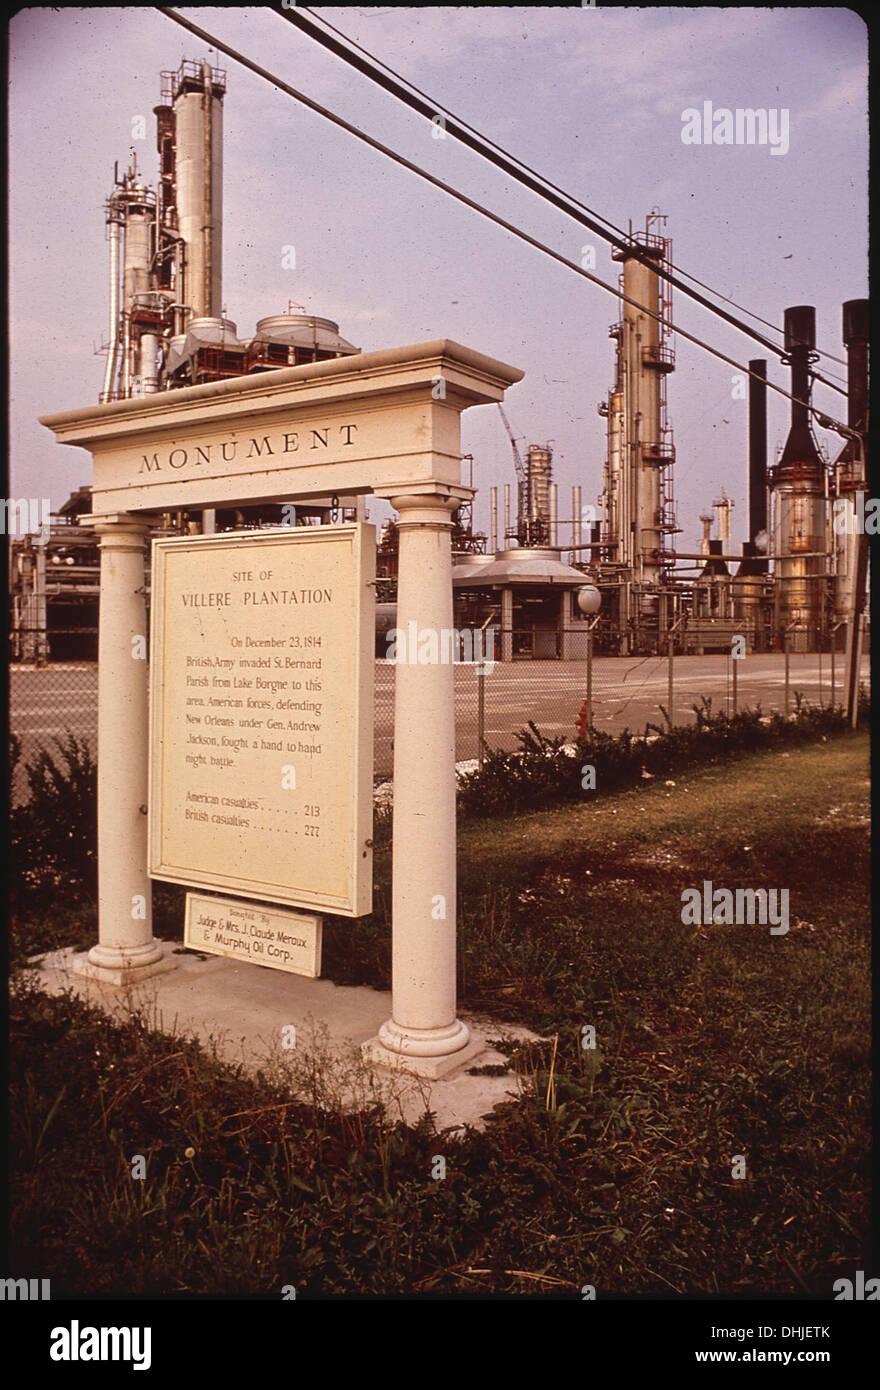 Observando el marcador histórico sitio de plantación se encuentra en la entrada a la refinería 286 Imagen De Stock